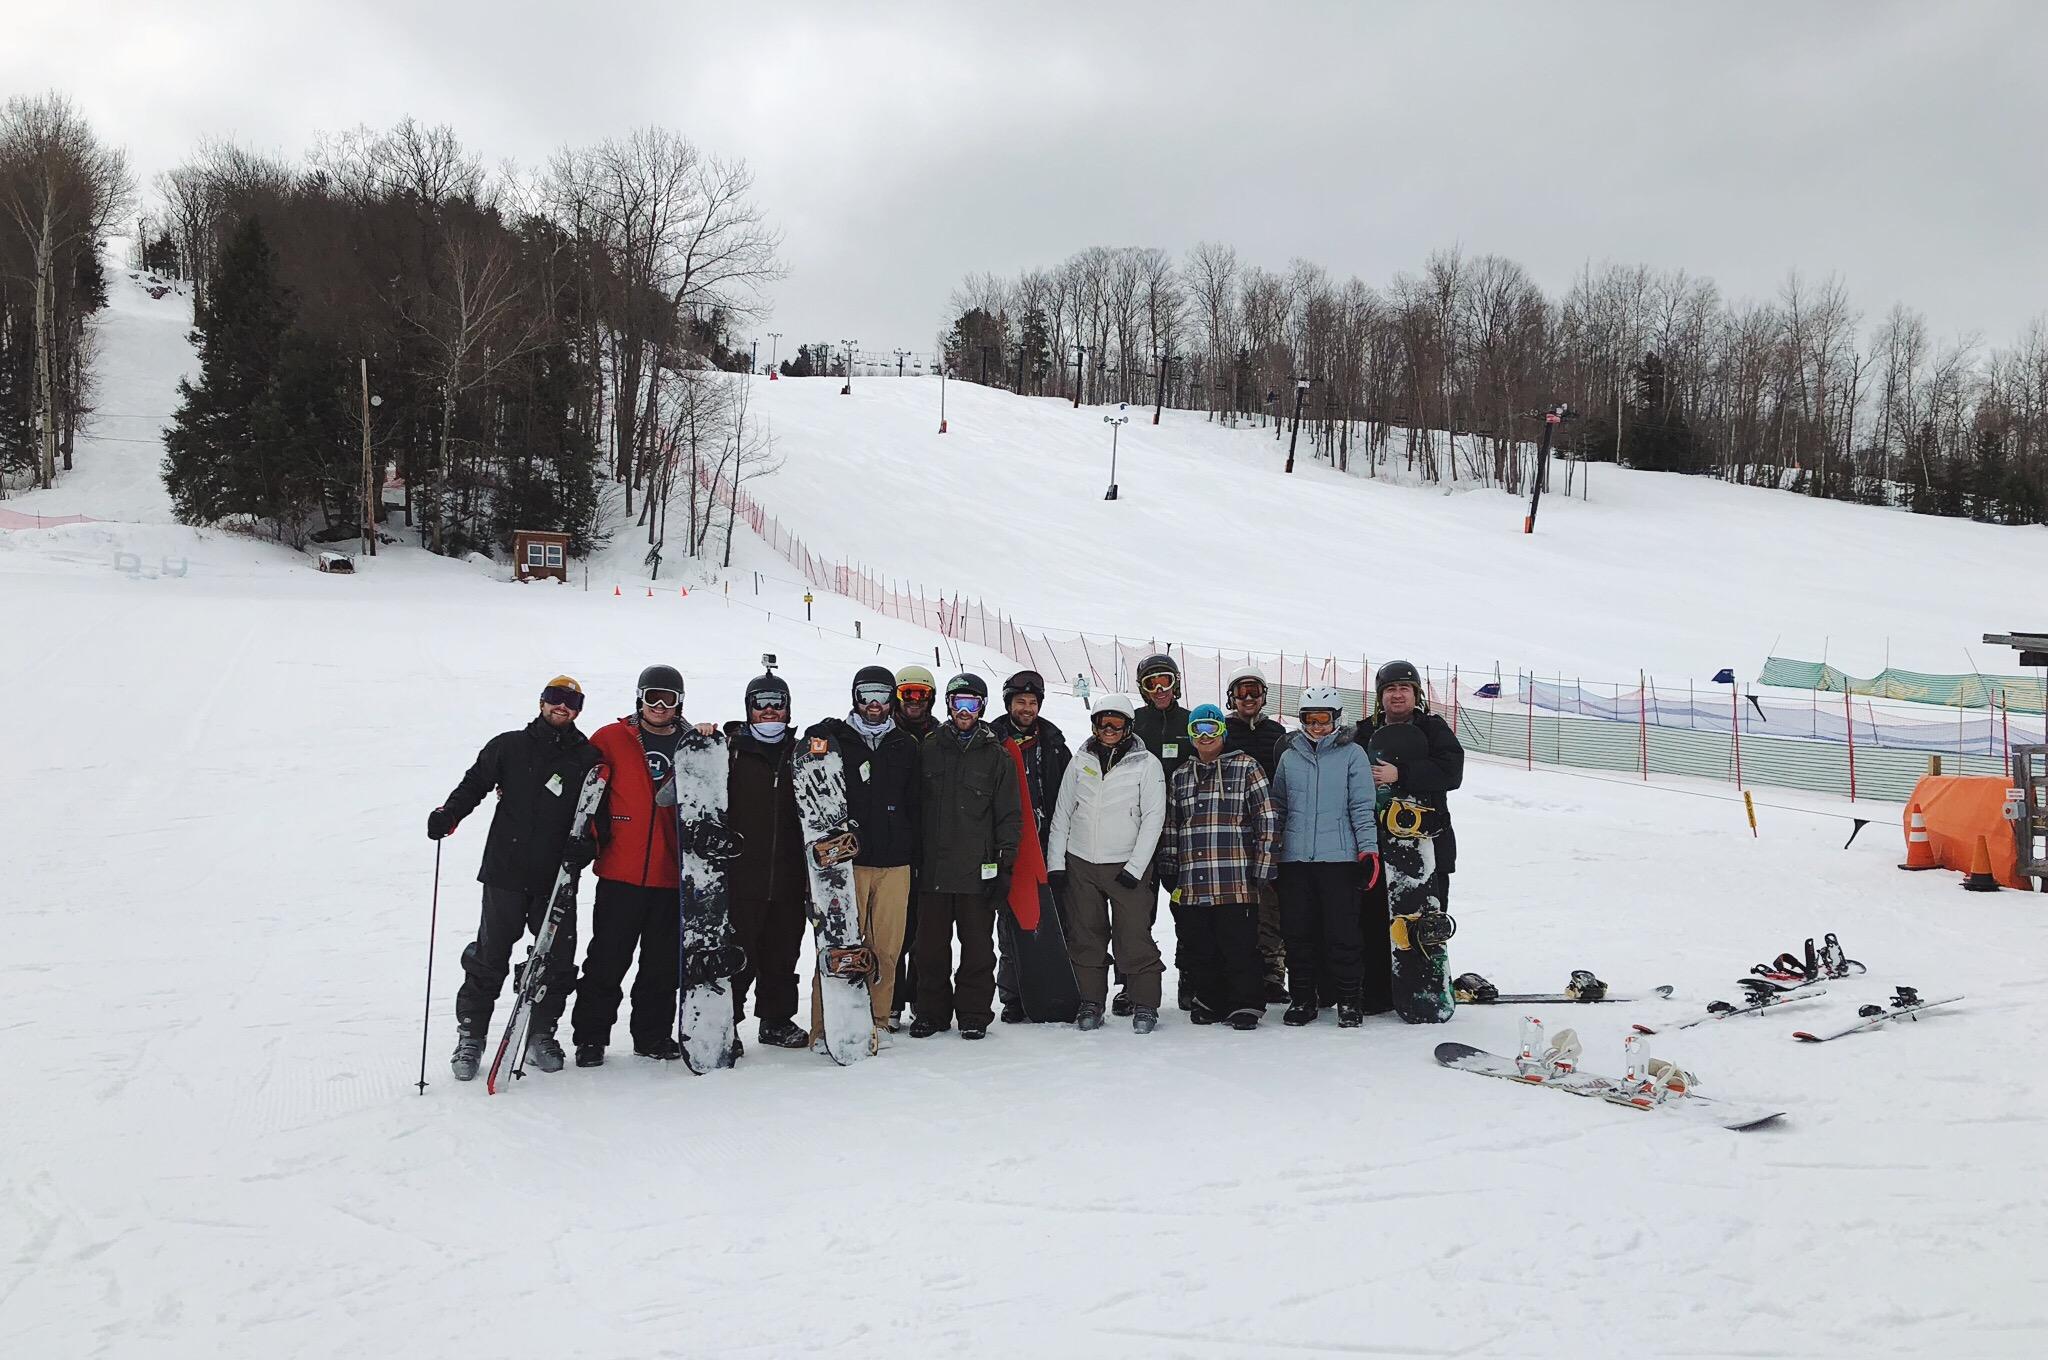 Team photo at ski hill